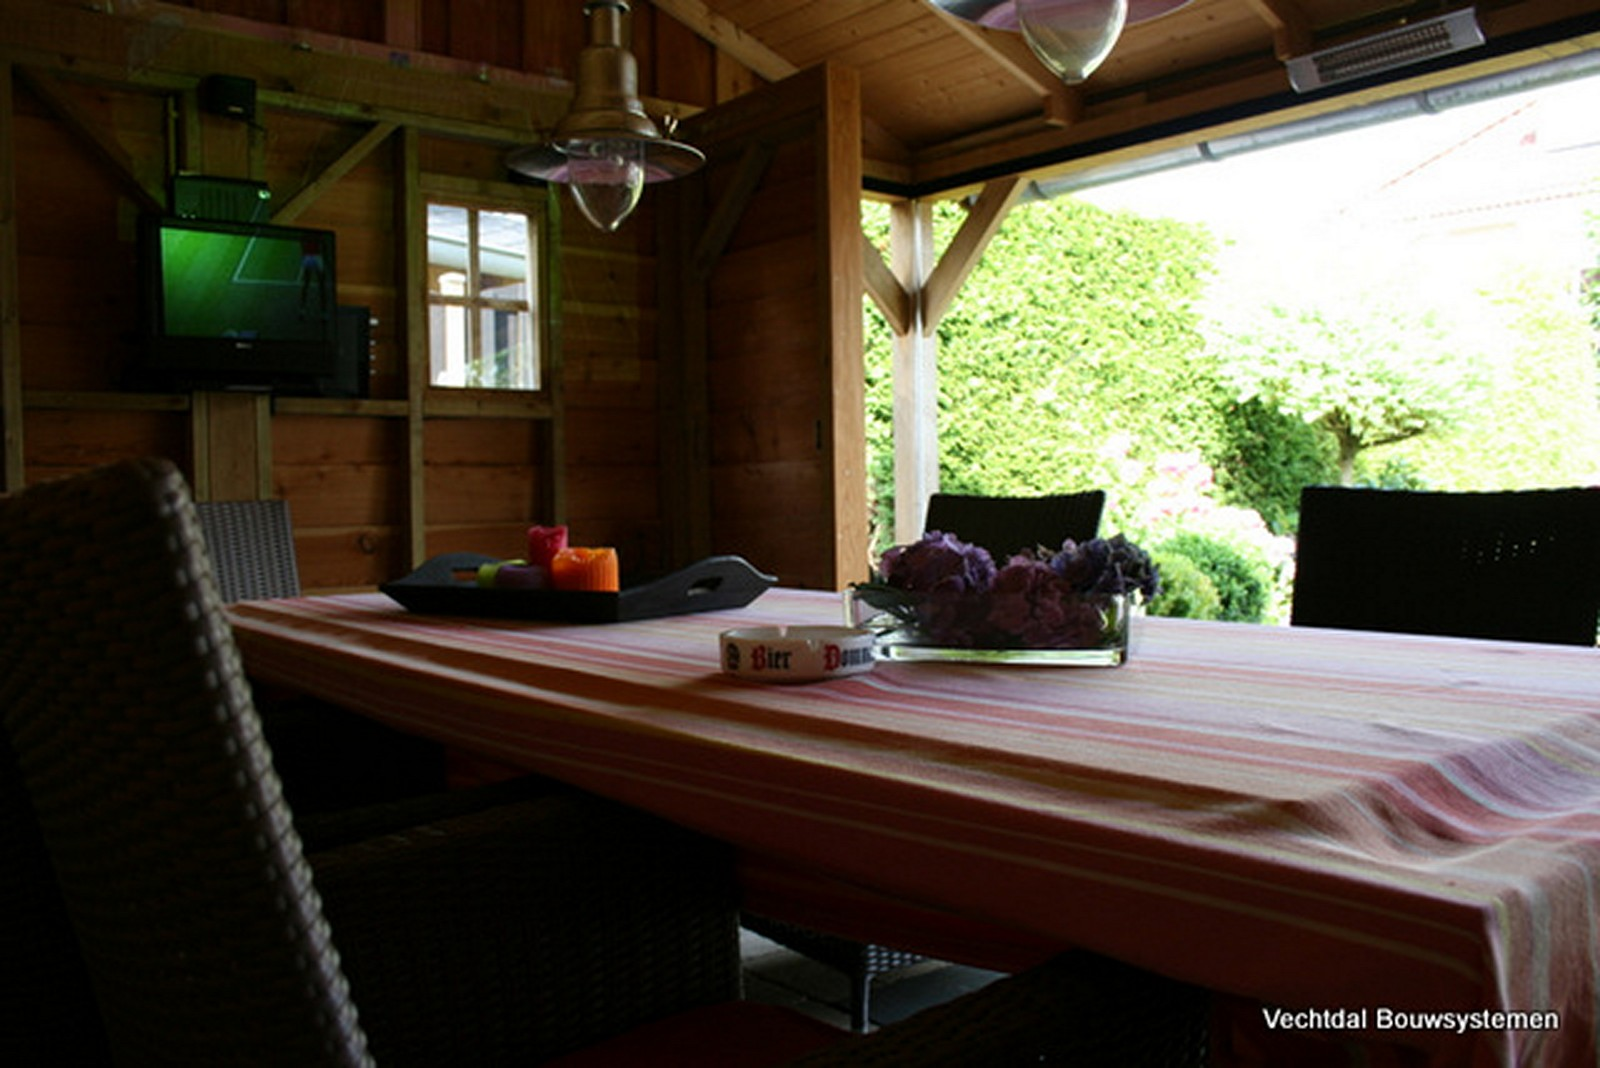 Vechtdal_bouwsystemen - Authentiek eikenhouten tuinhuis met tuinkamer.